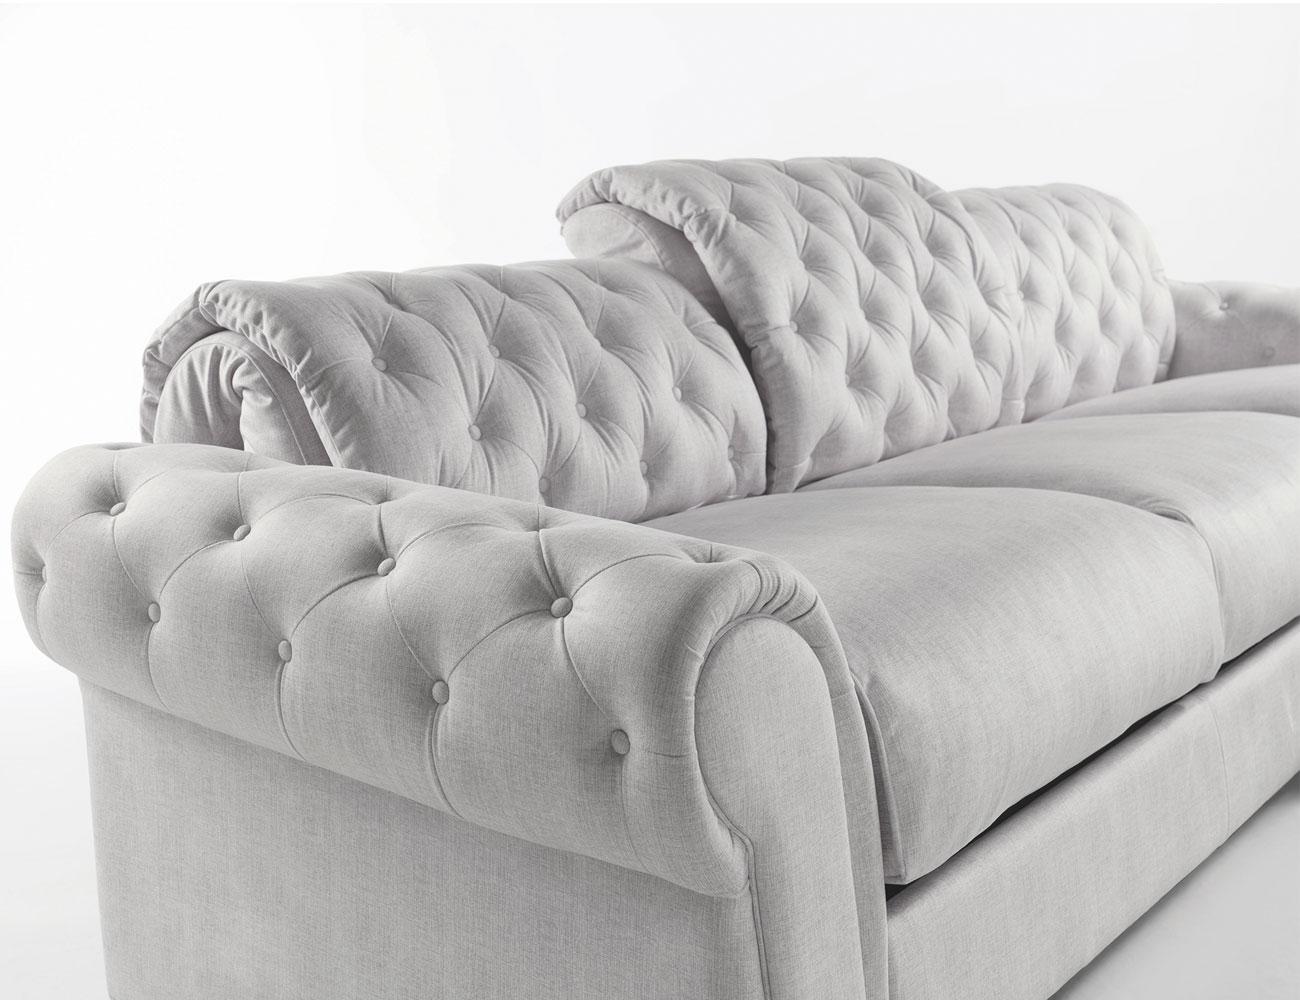 Sofa chaiselongue gran lujo decorativo capitone blanco tela 124